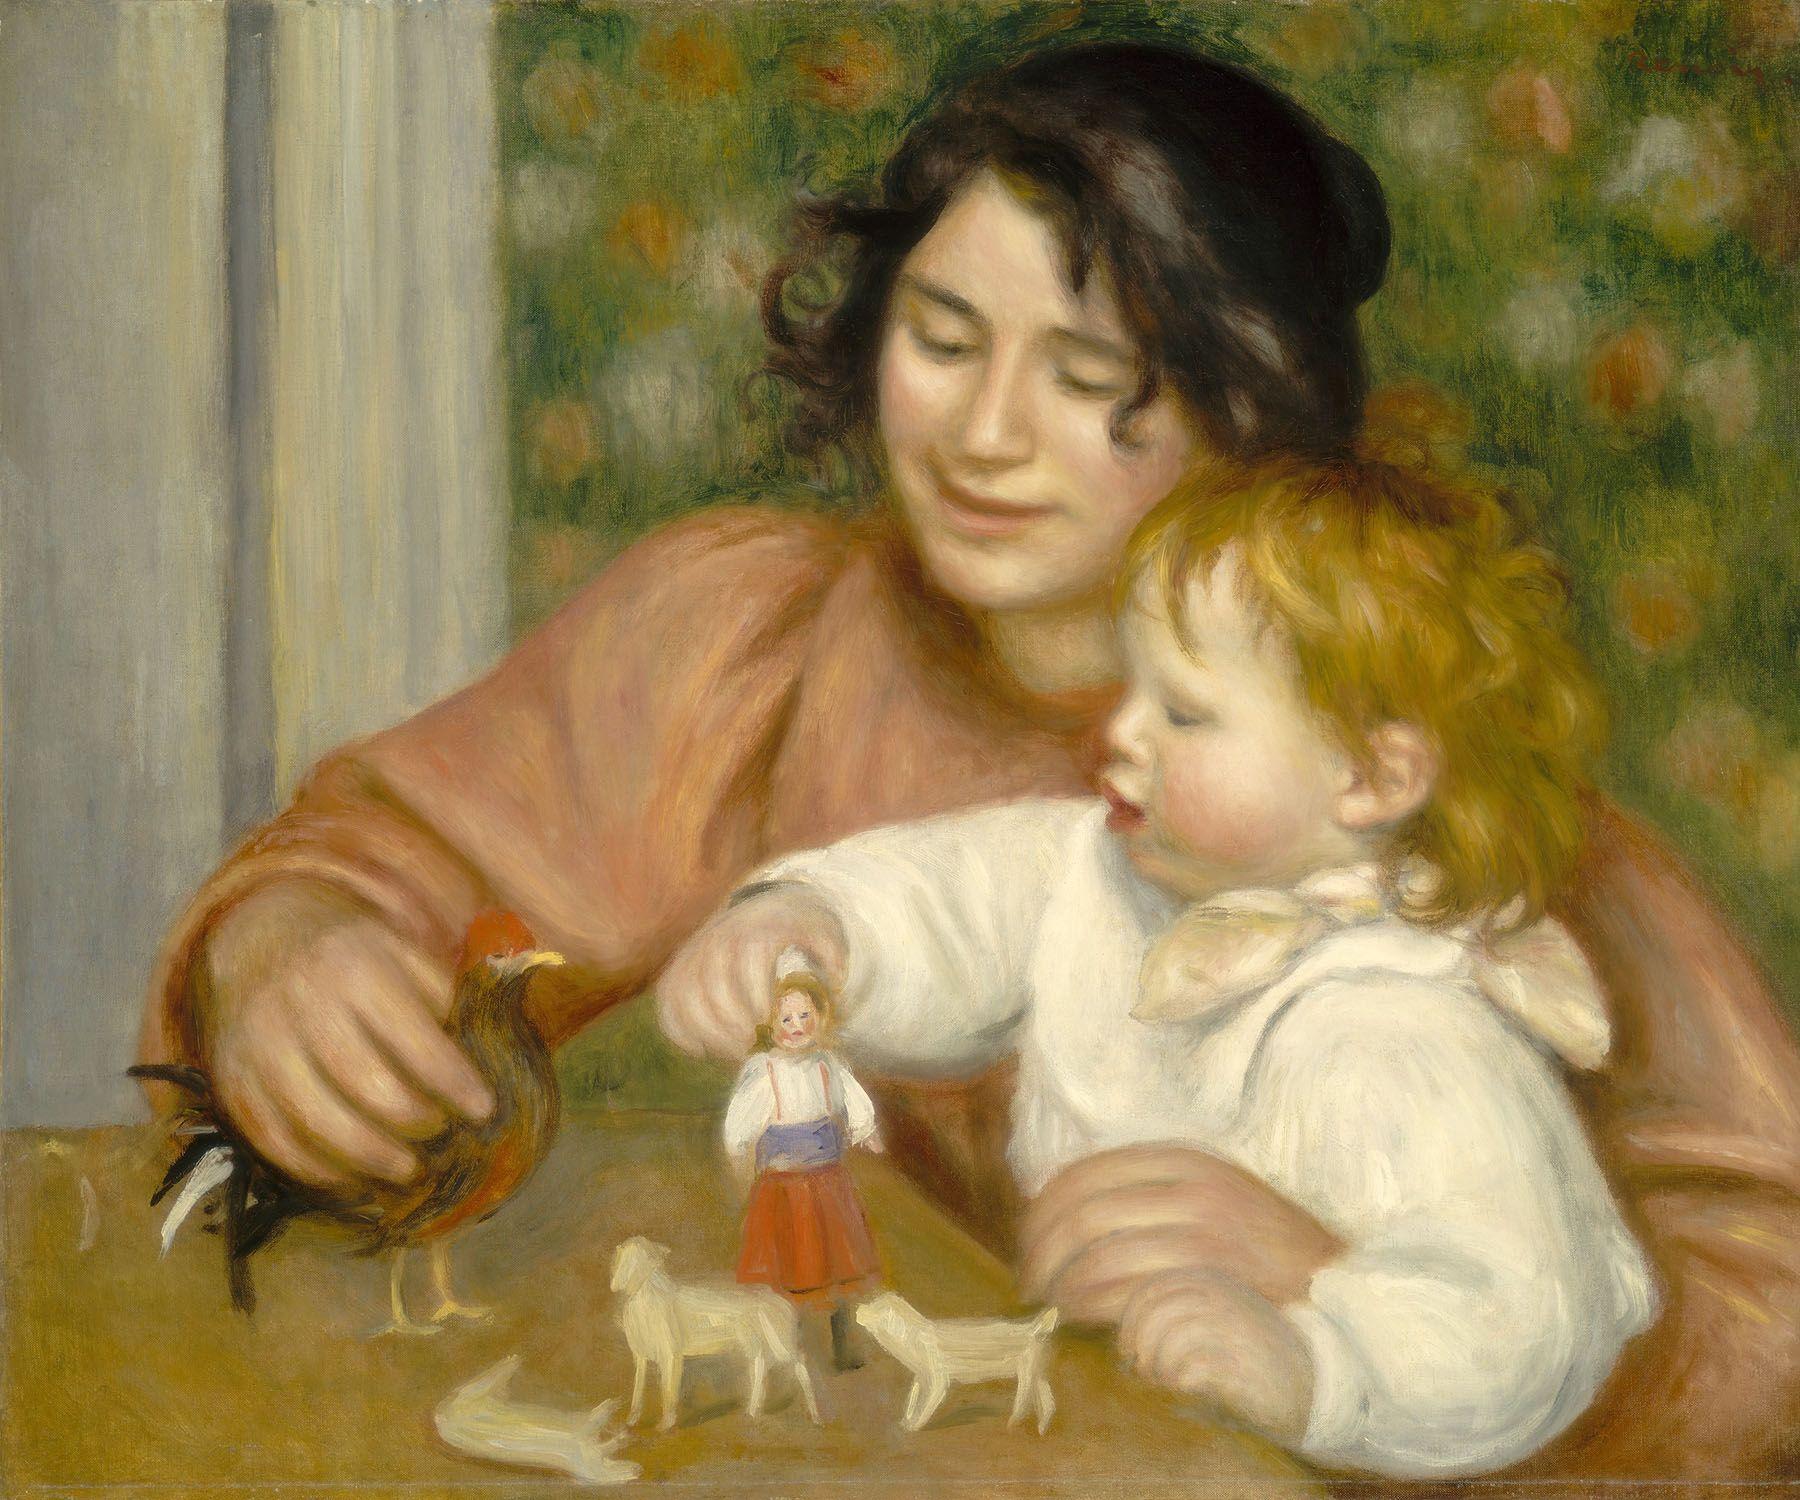 L'enfant et les jouets (Gabrielle et Jean, fils de Renoir),   huile sur toile (54,3 x 65,4 cm) d'Auguste Renoir, 1895/1896. Credit : Collection of Mr. and Mrs.  Paul Mellon, National Gallery of Art, Washington D.C.